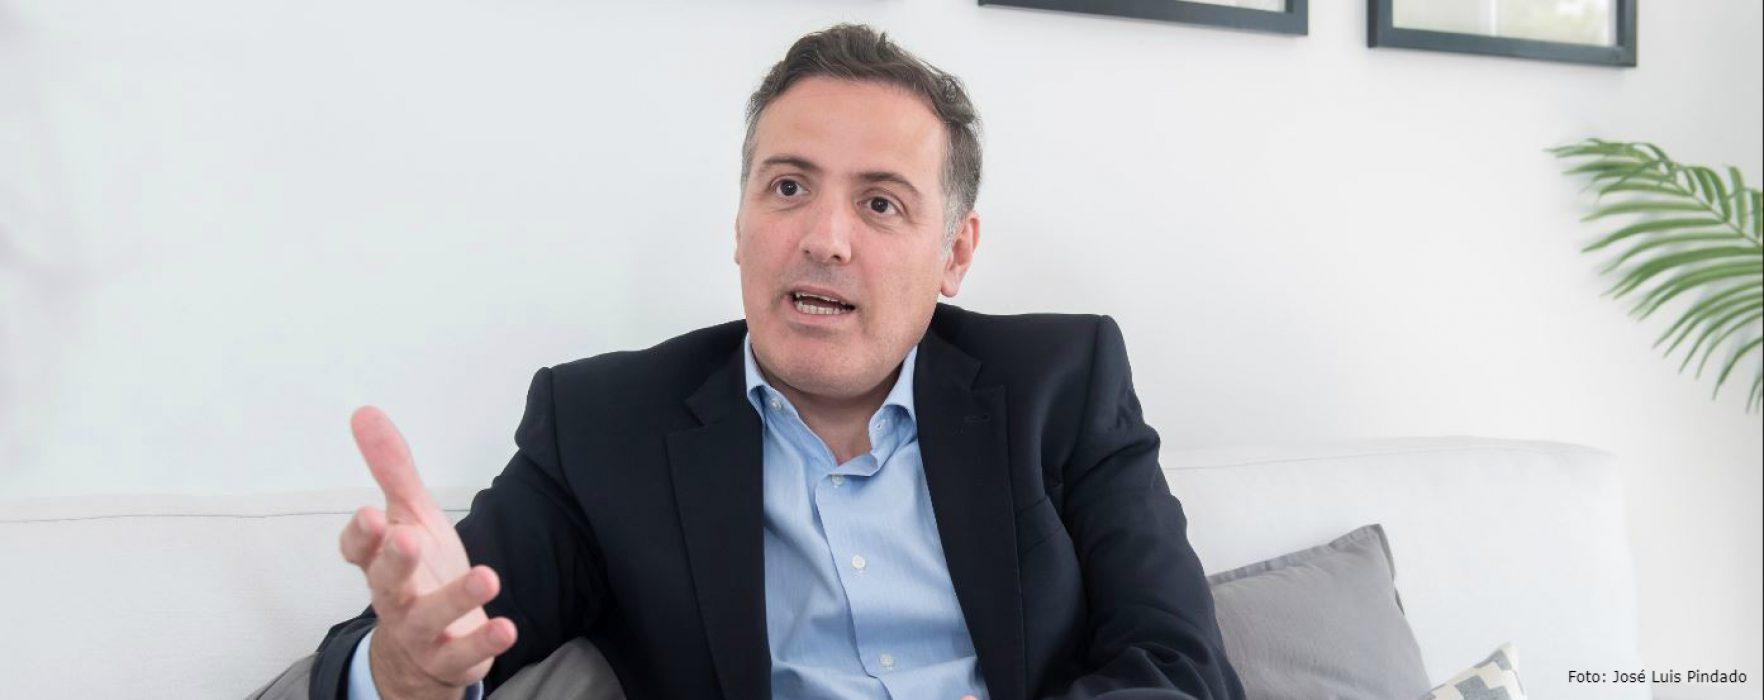 AEDAS Homes ganó 3,7 millones de euros en el primer semestre de 2018